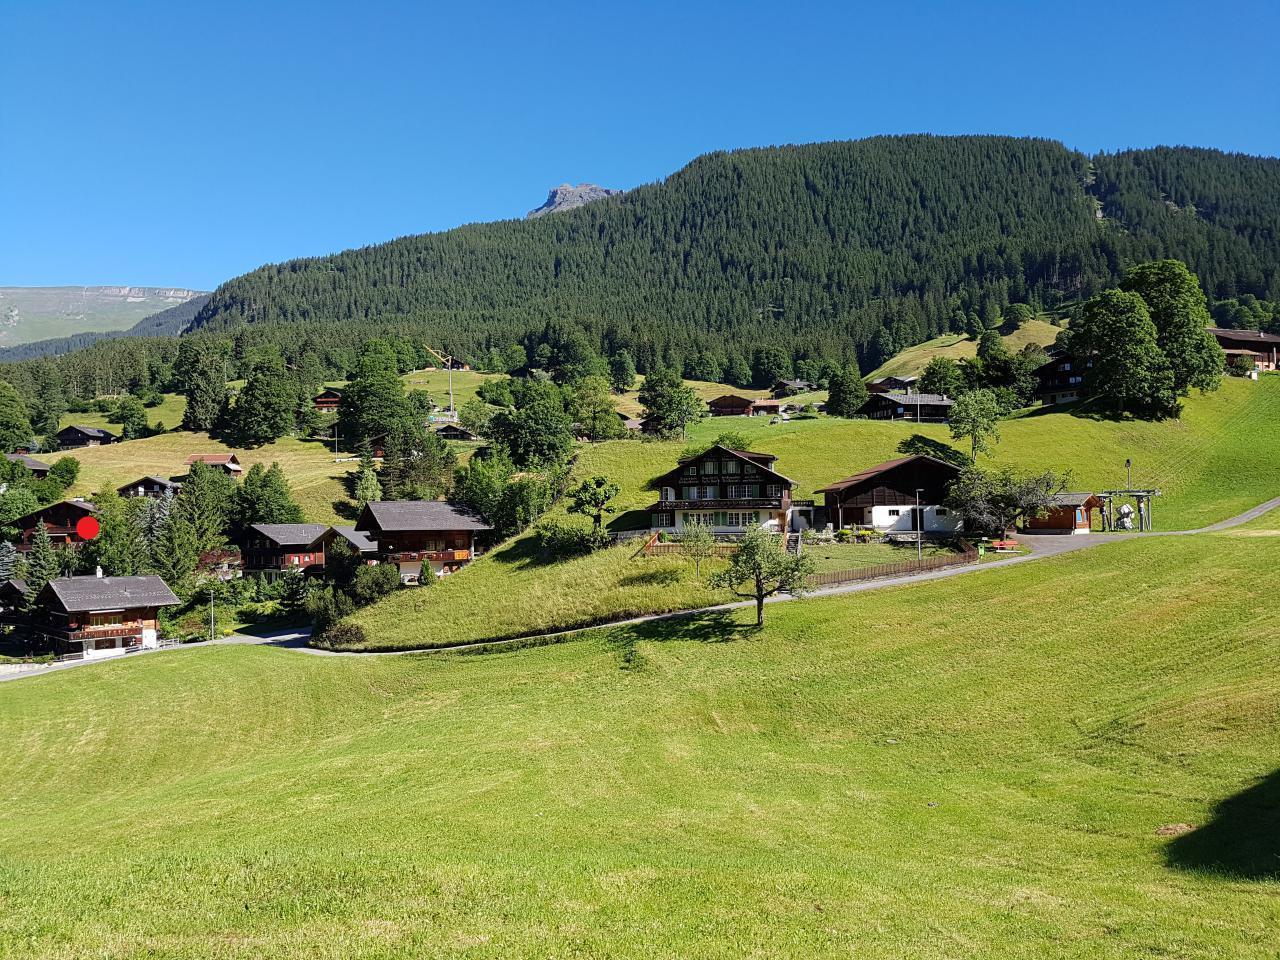 Ferienwohnung Chalet Moosrain 4.5 Zimmer-Wohnung, Eigerblick (788969), Grindelwald, Jungfrauregion, Berner Oberland, Schweiz, Bild 13